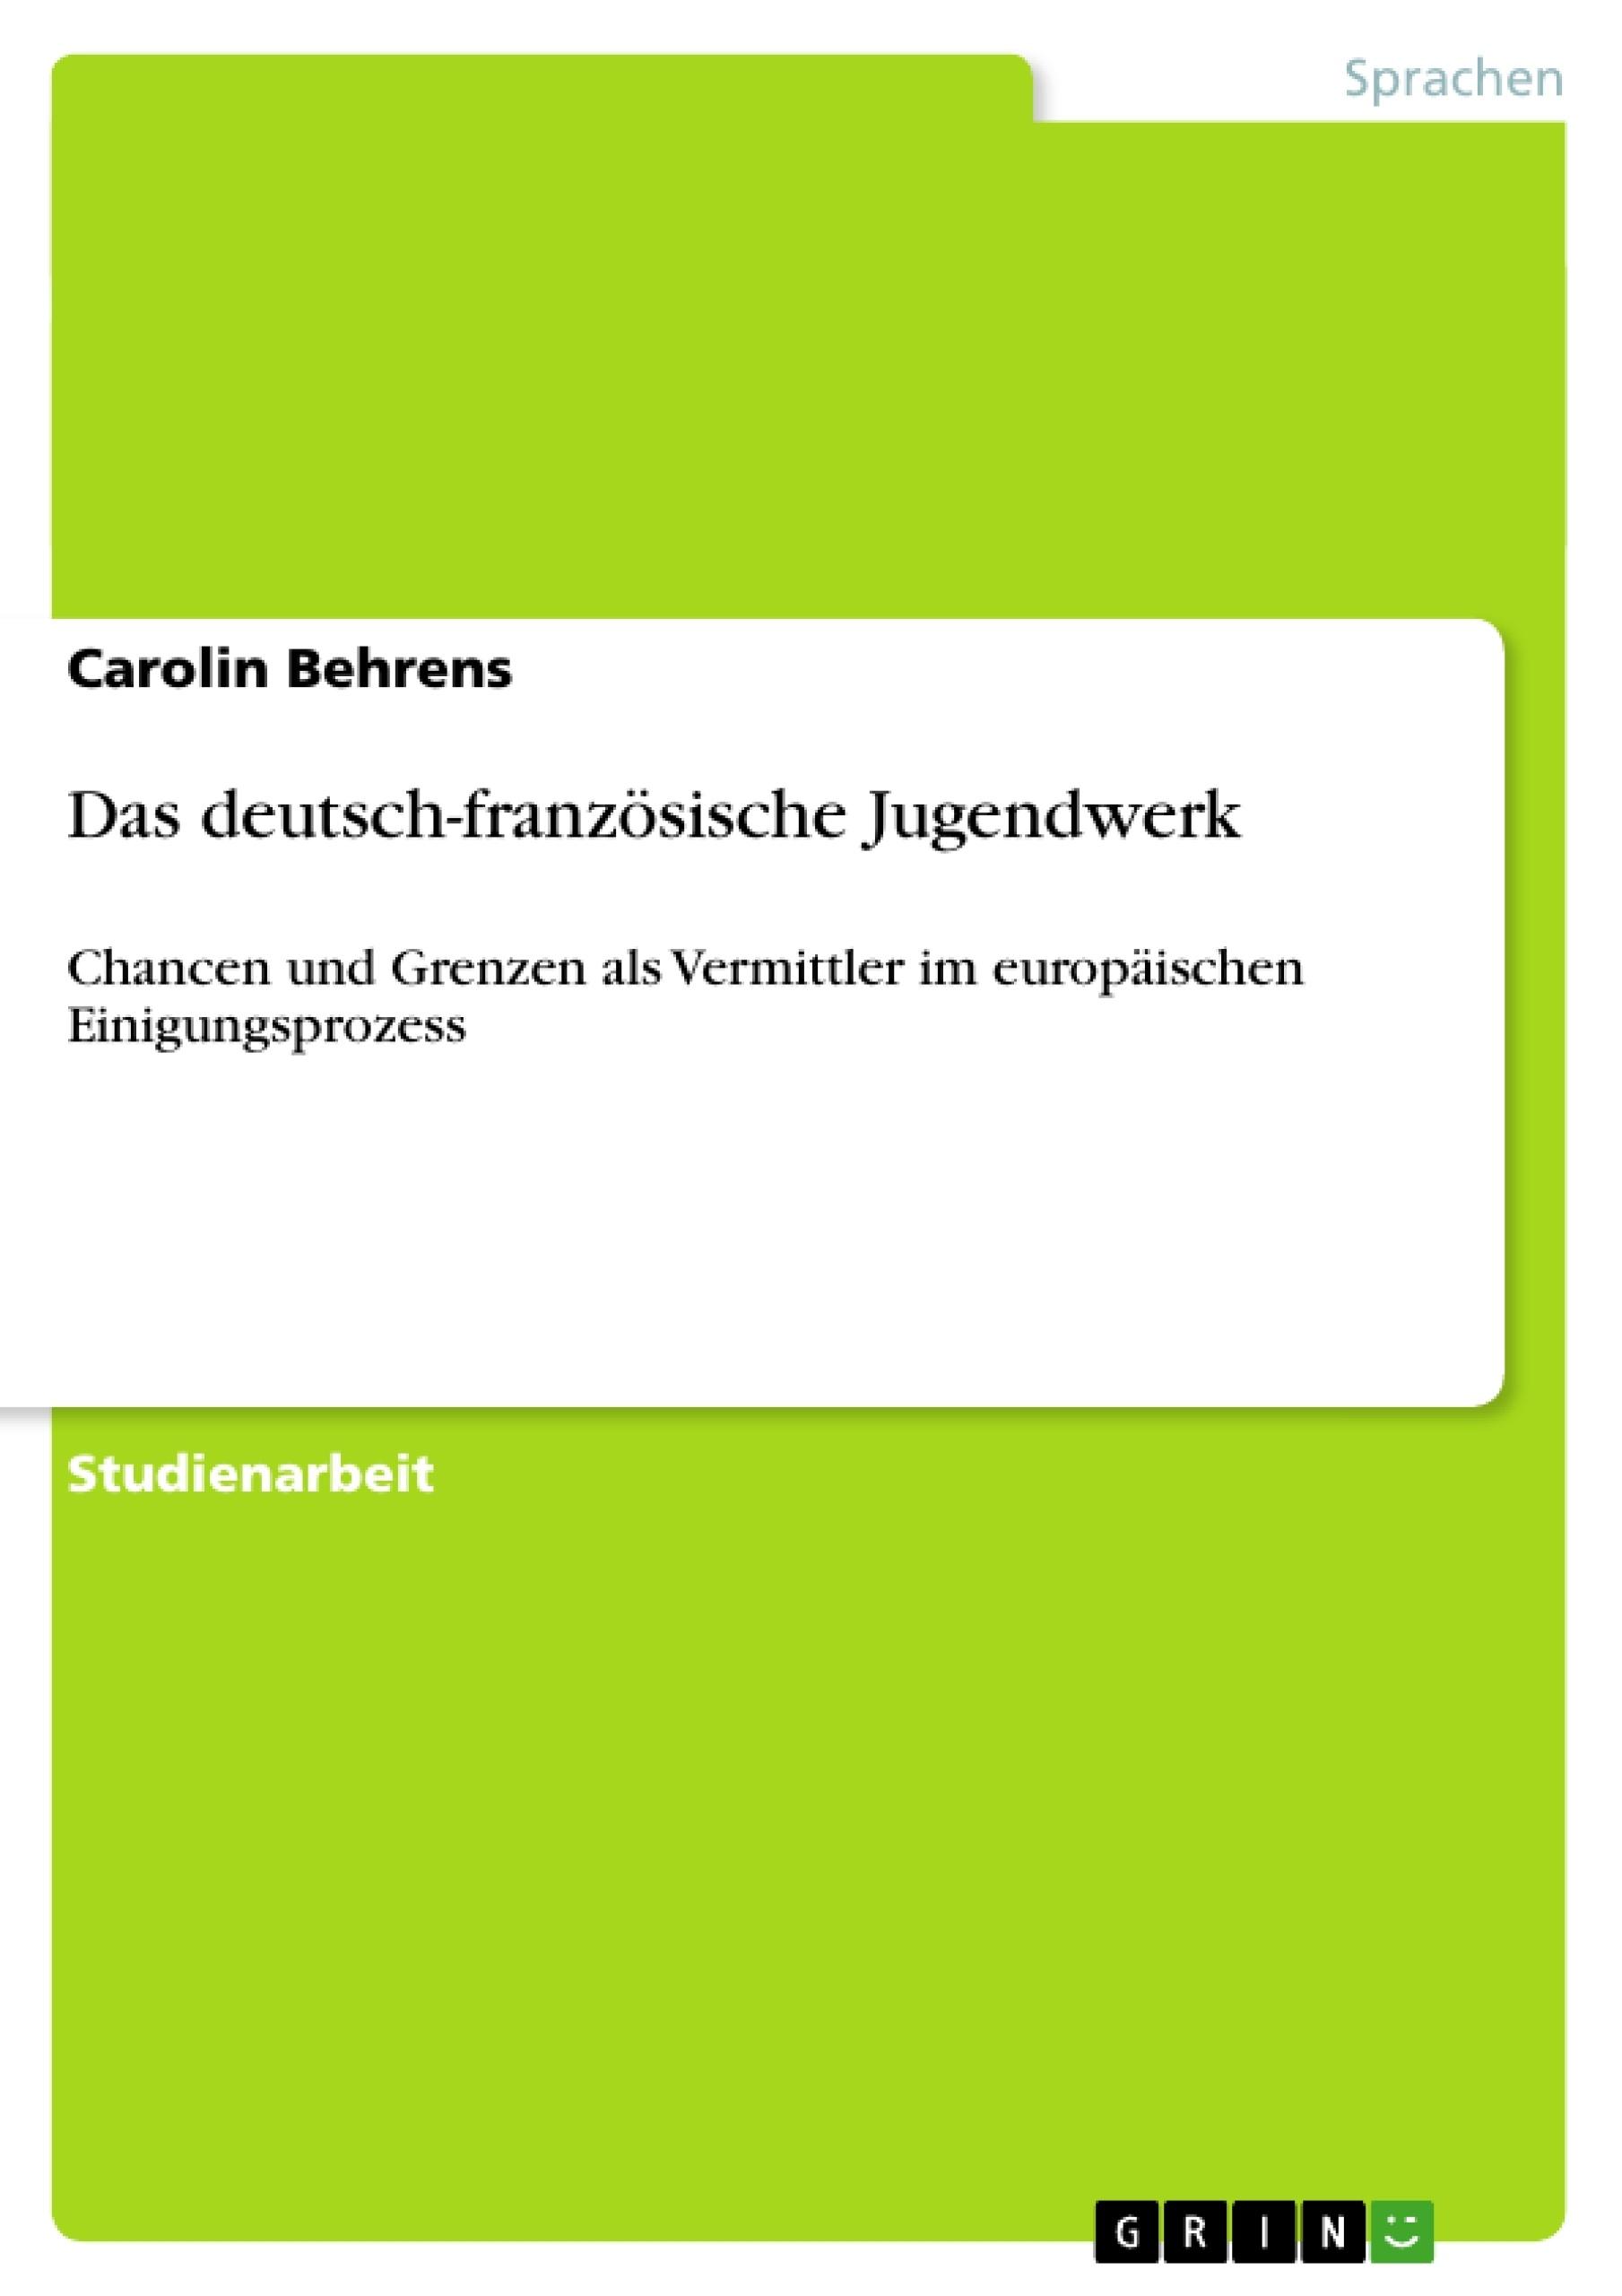 Titel: Das deutsch-französische Jugendwerk